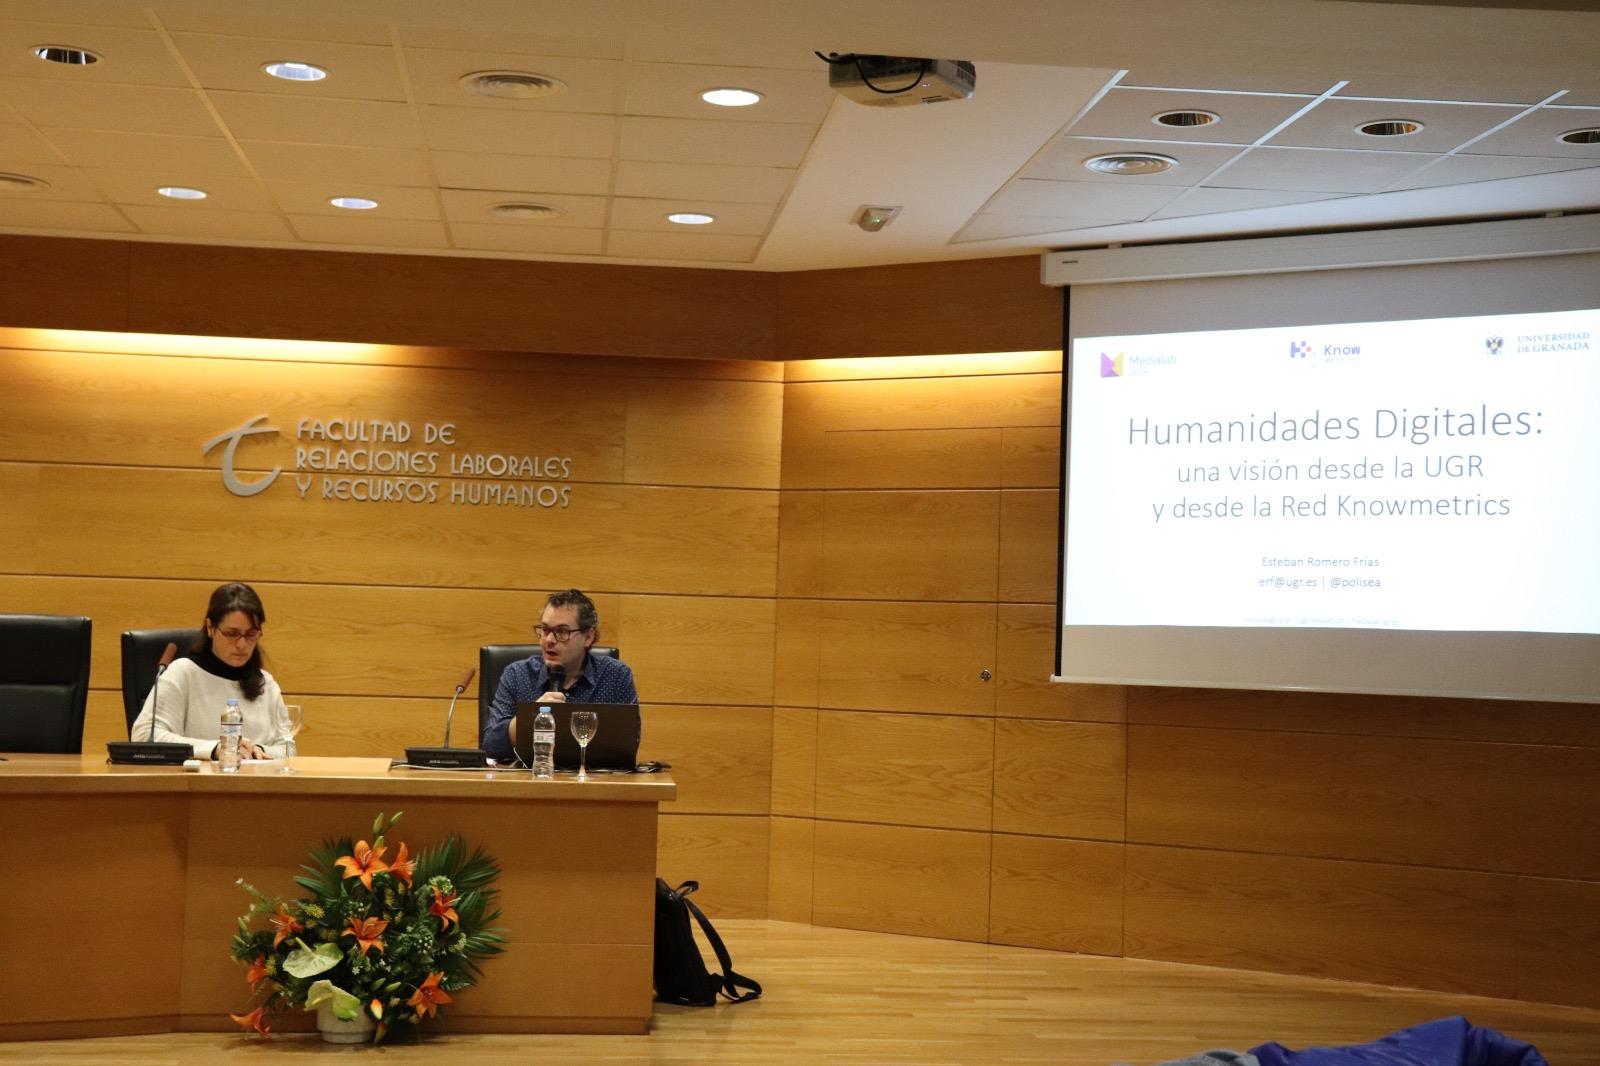 Jornada en la Universidad de Granada: el futuro de la investigación en ciencias sociales y humanidades pasa por incorporar lo digital